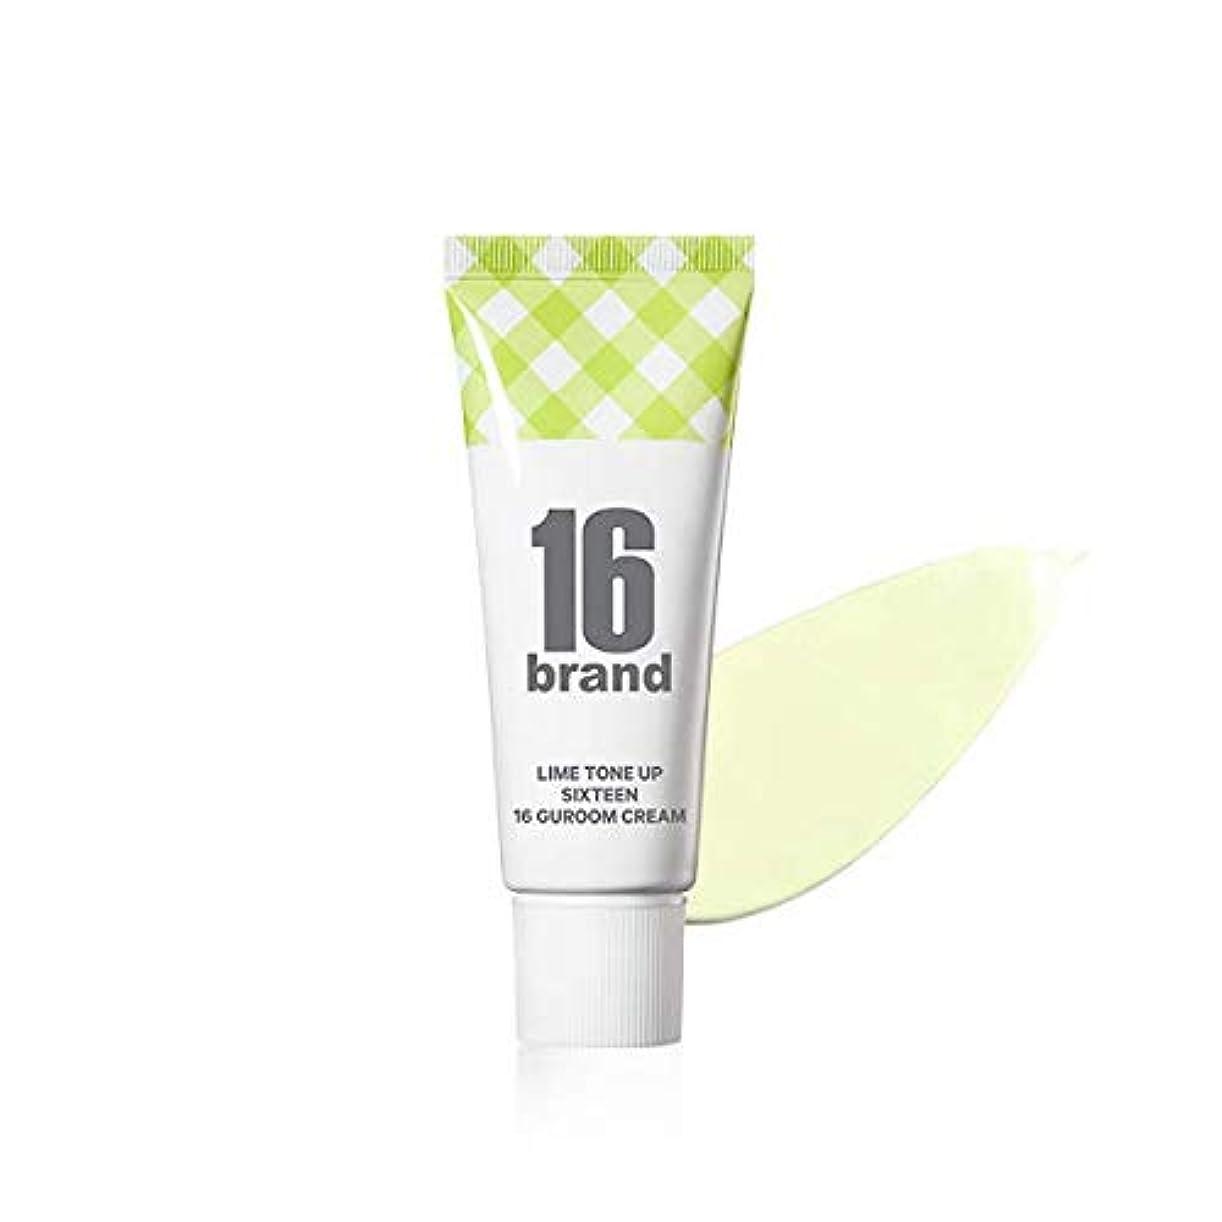 メッセンジャー血まみれなす16 Brand Sixteen Guroom Lime Tone Up Cream * 30ml (tube type) / 16ブランド シックスティーン クルム ライムクリーム SPF30 PA++ [並行輸入品]